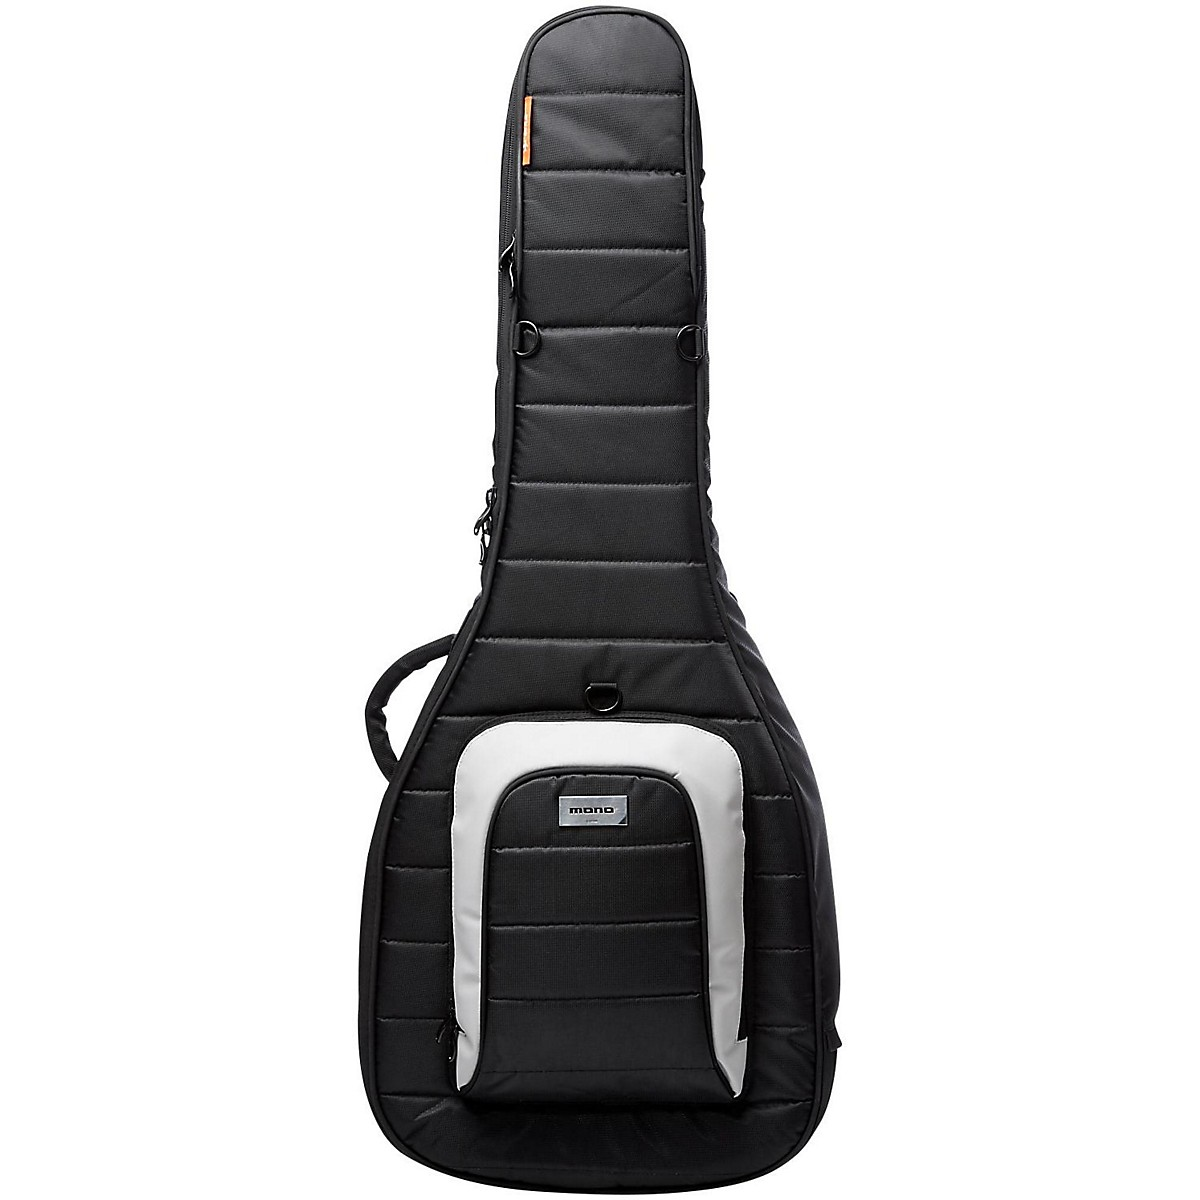 MONO M80 Dual Acoustic/Electric Guitar Case